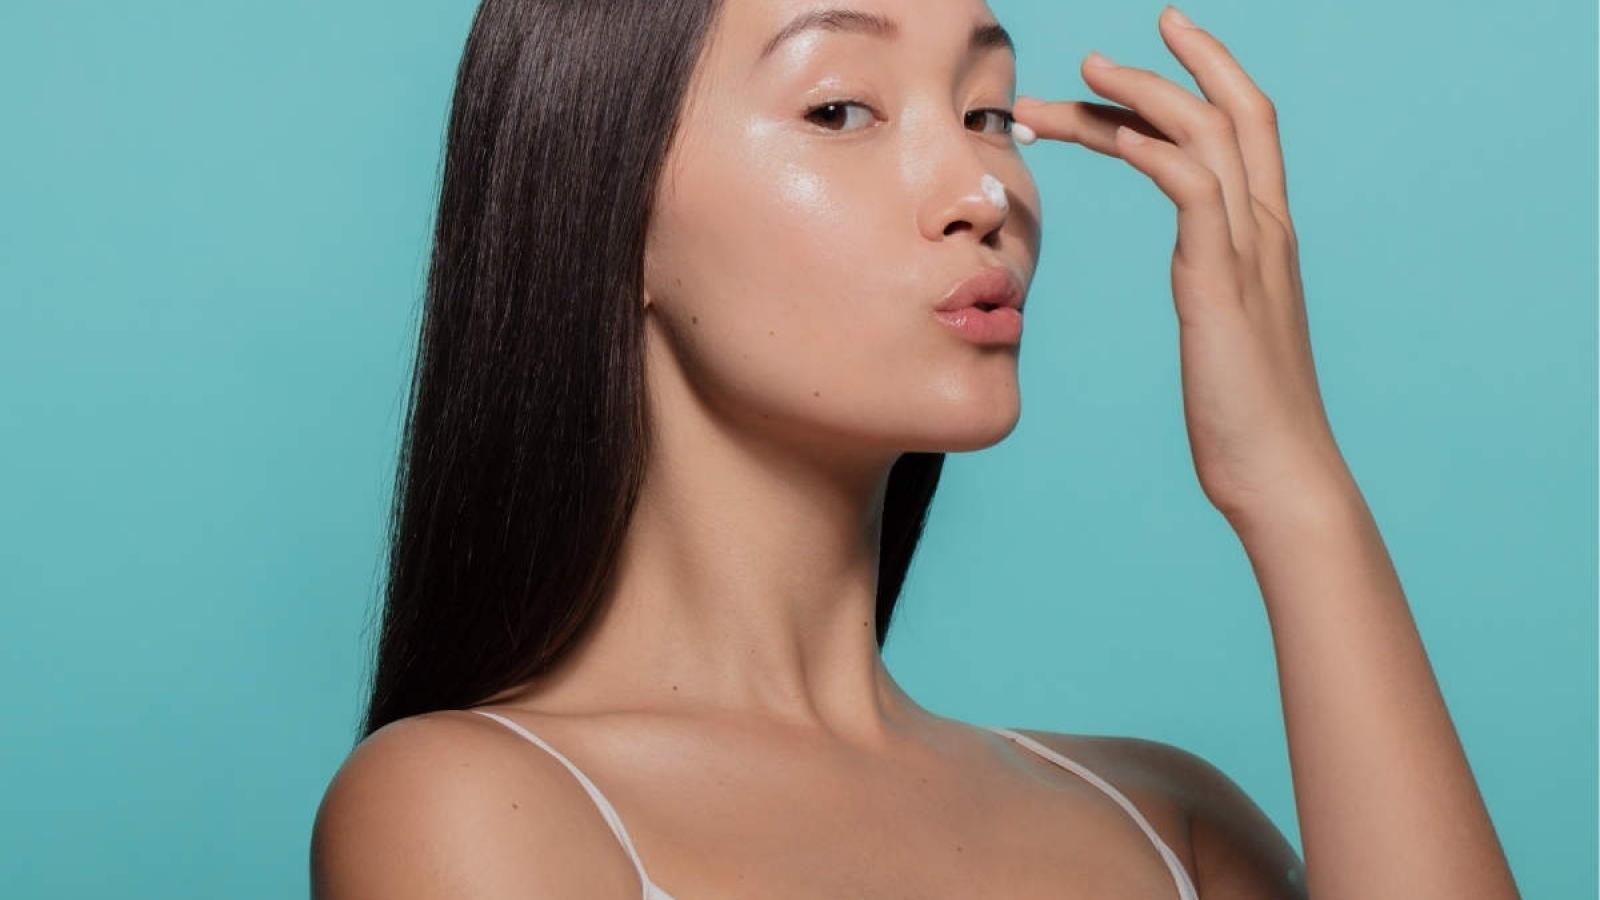 5 bí quyết làm đẹp da của Hàn Quốc nhất định phải áp dụng